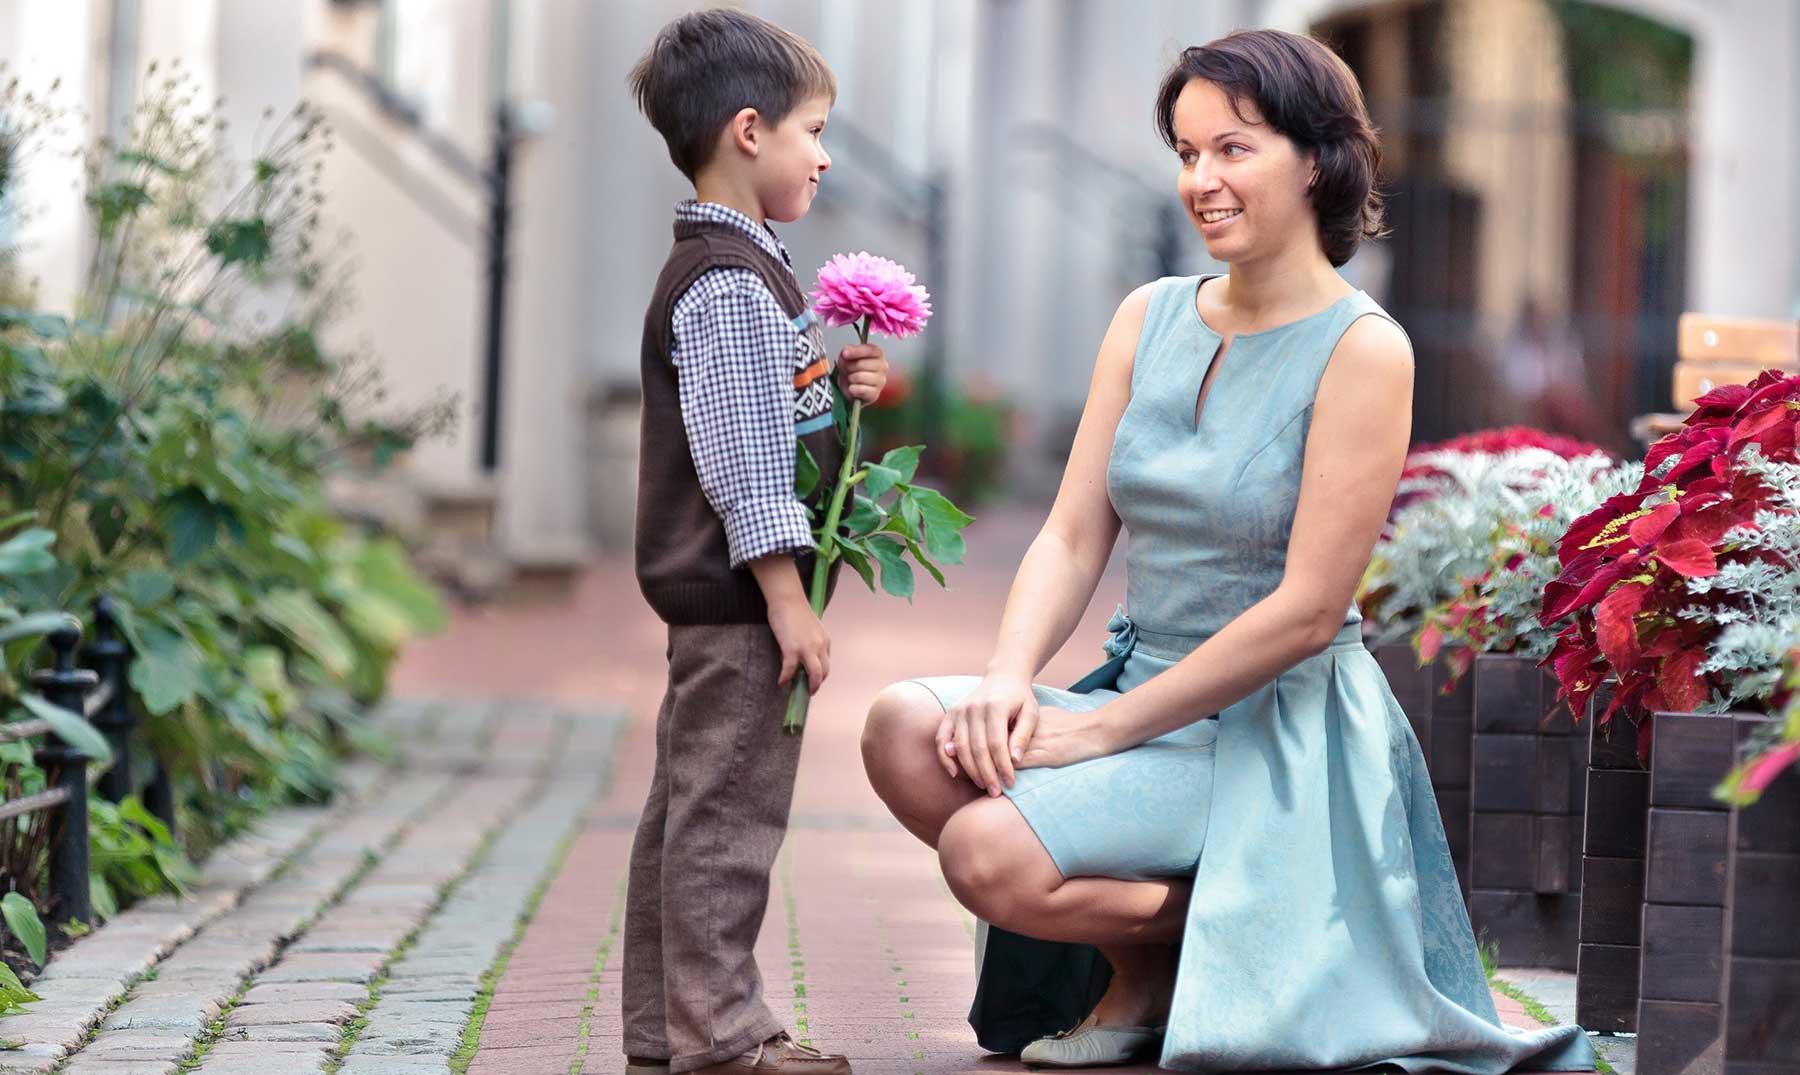 Фото мальчик с цветами для мамы